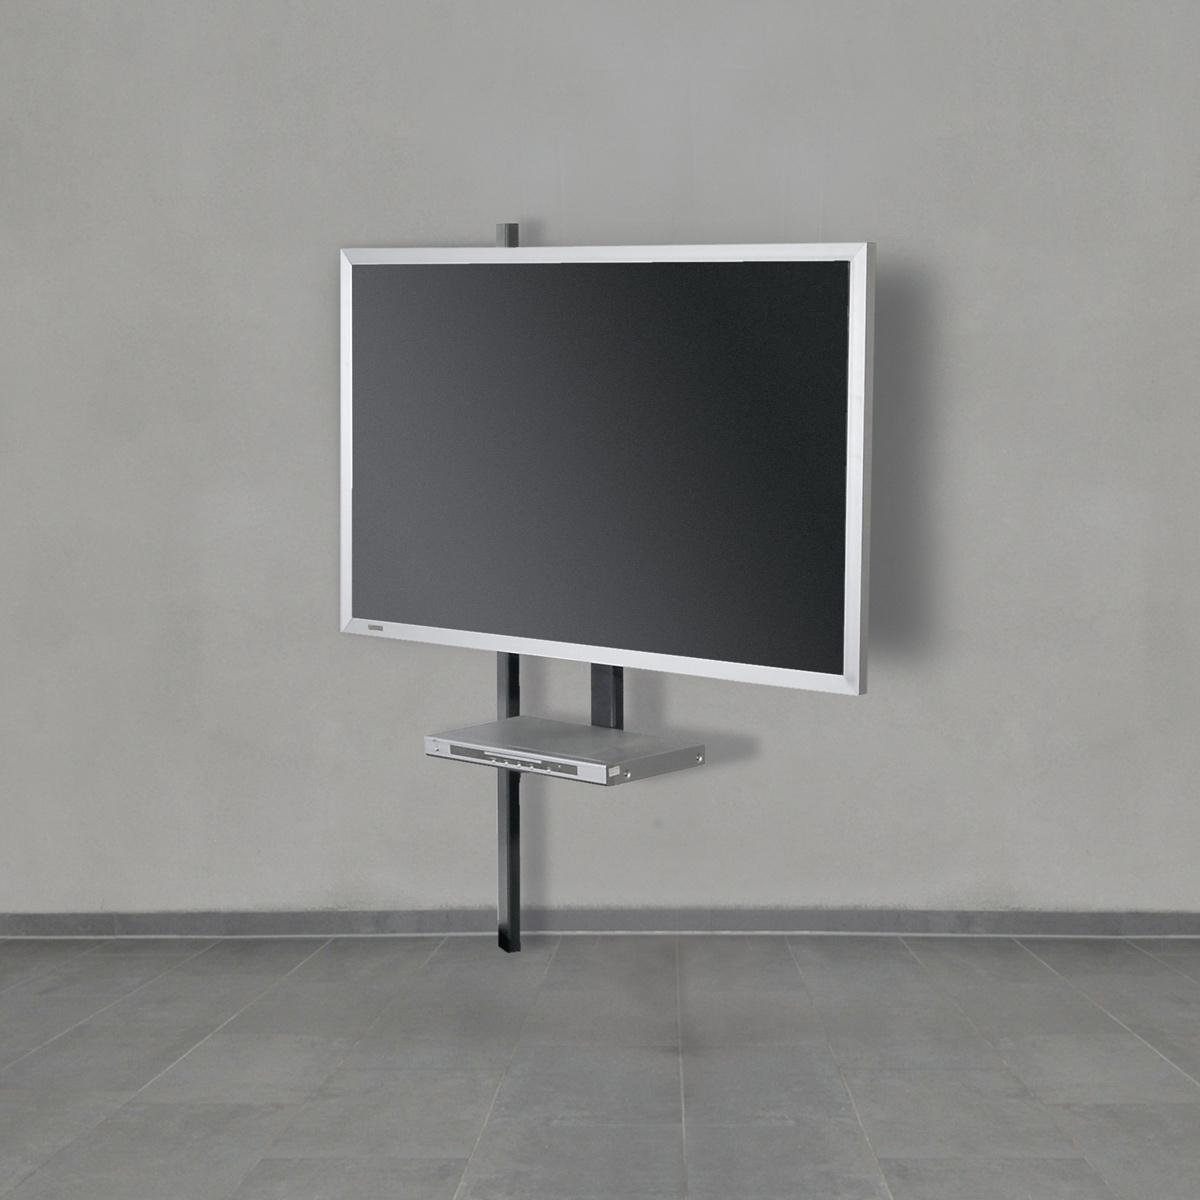 wissmann raumobjekte solution art 121 / tv wandhalter bei hifi-tv